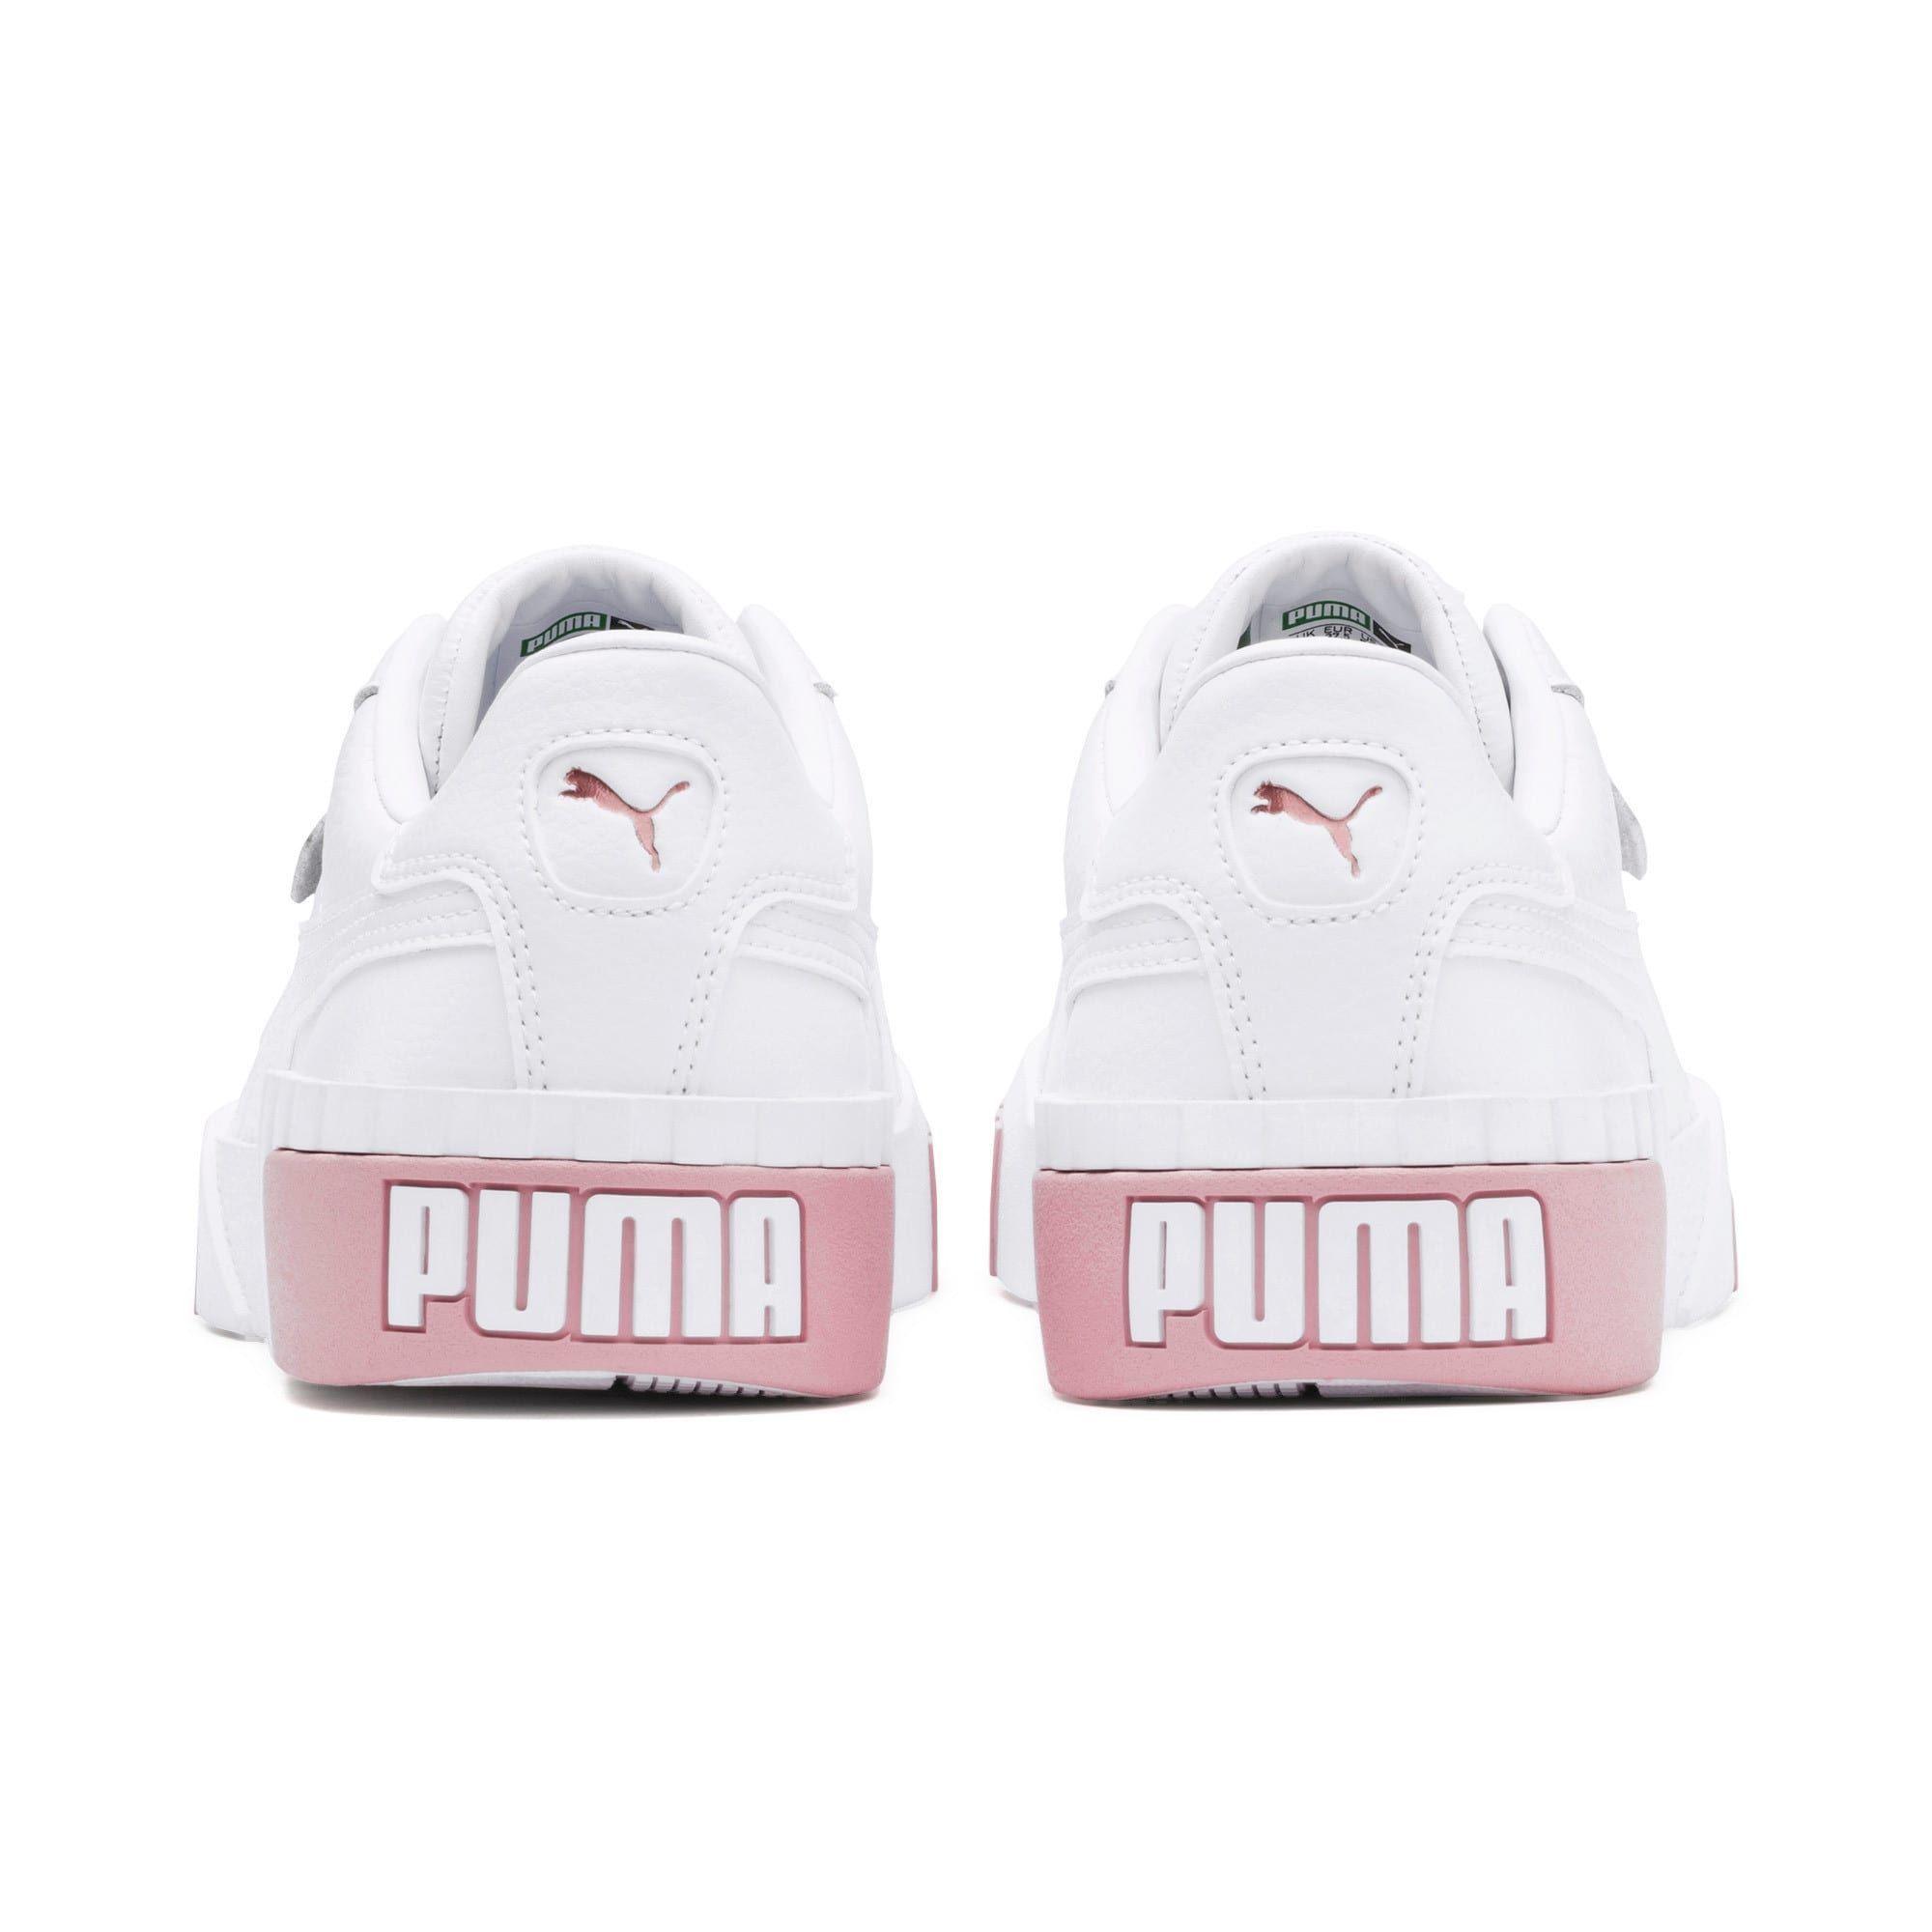 puma cali rose gold trainers